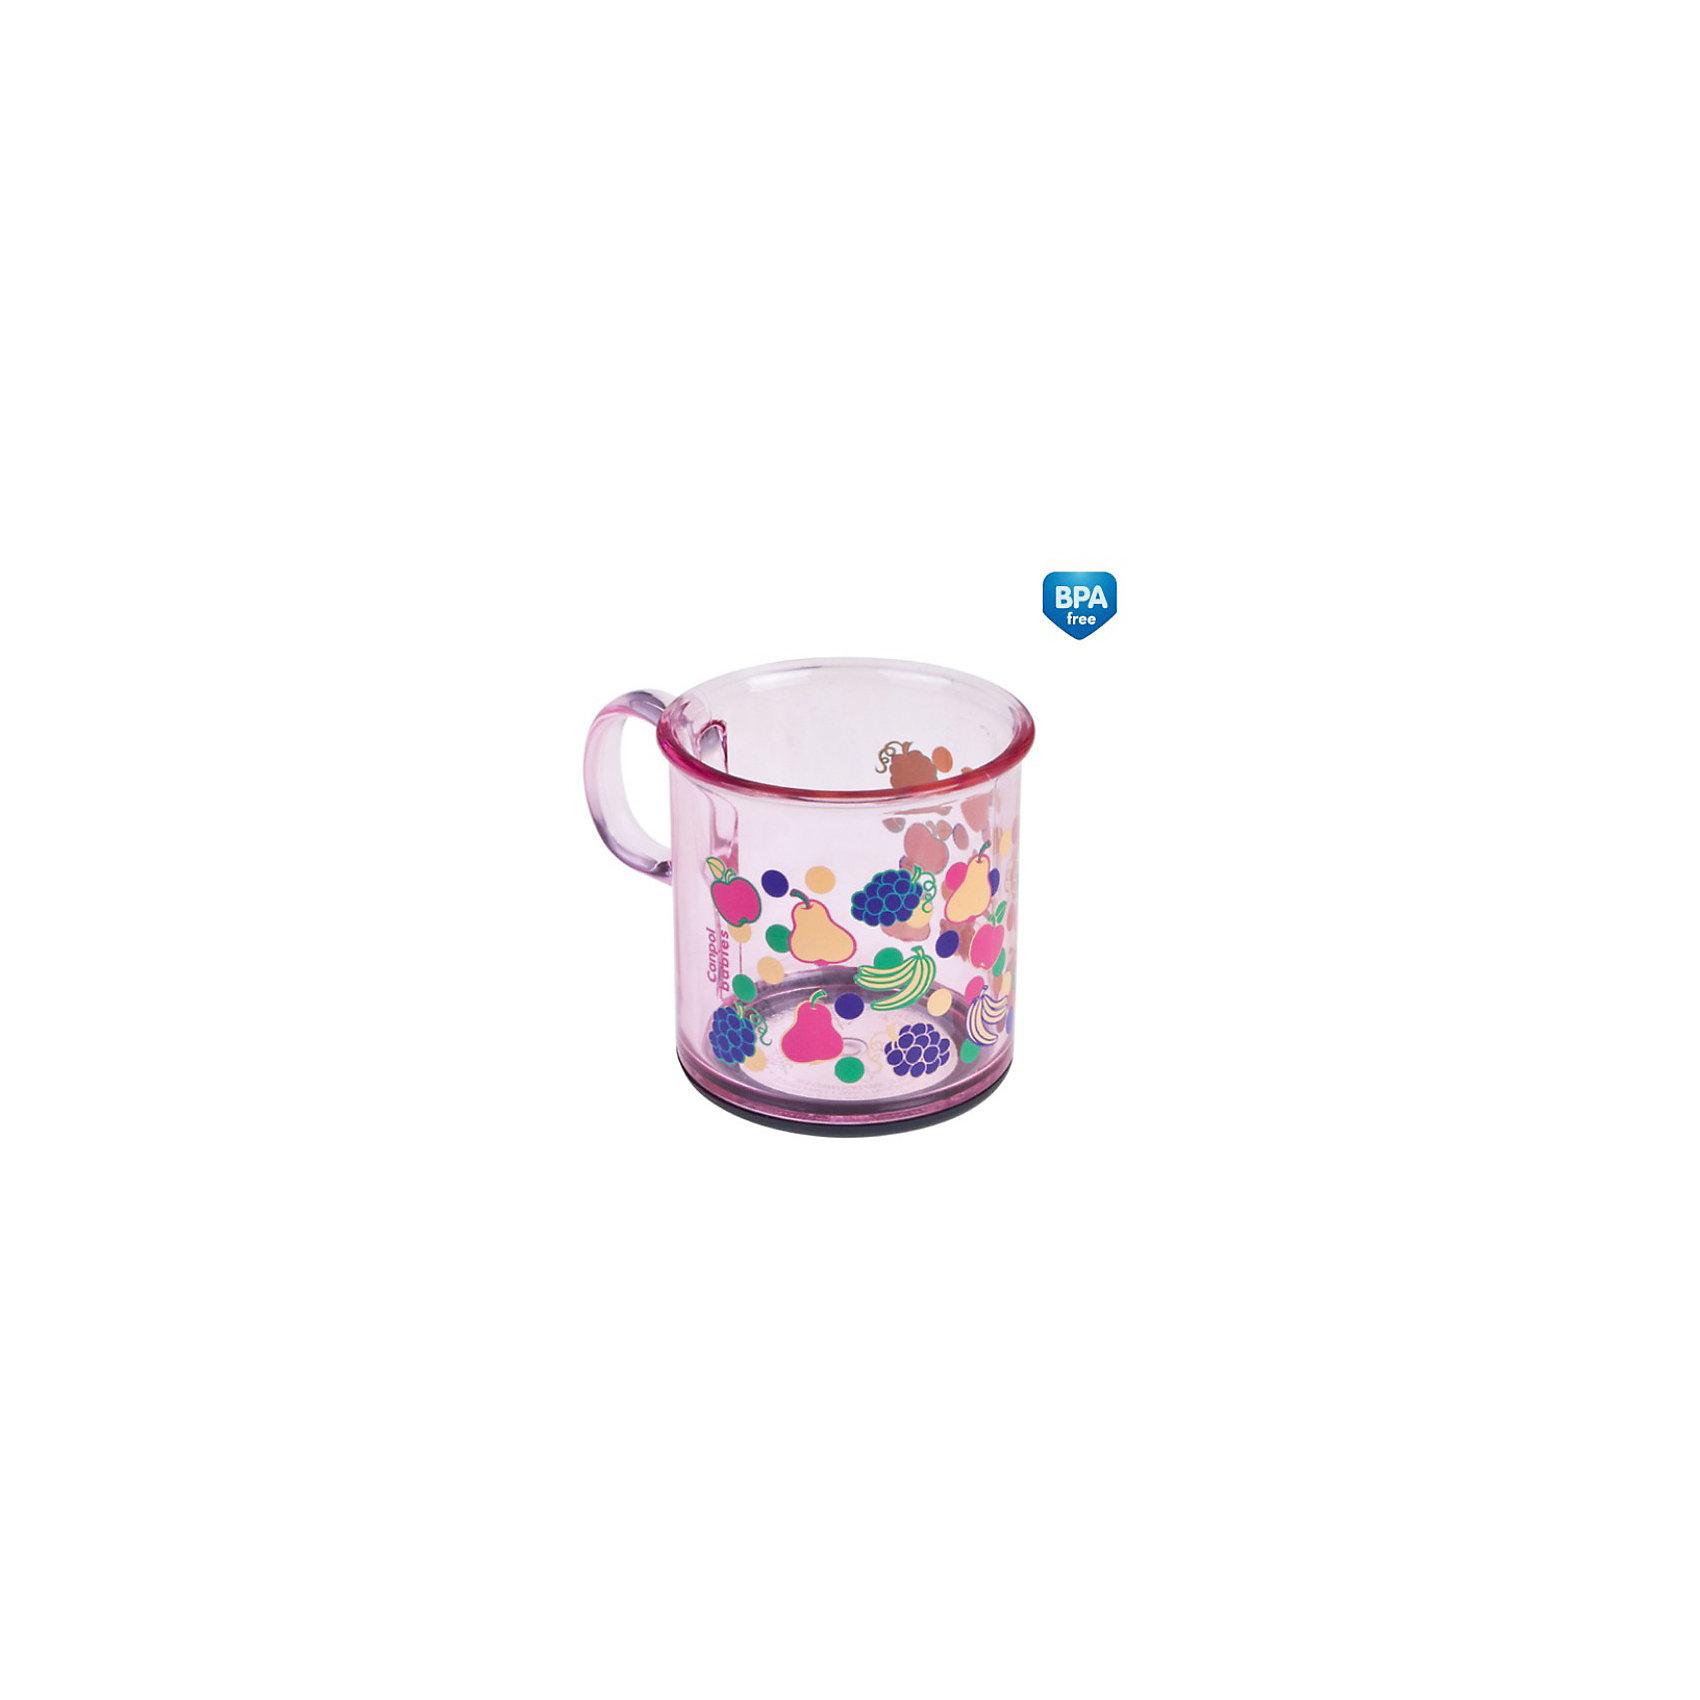 Кружка с антискользящим дном, 170 мл., Canpol Babies, розовыйПосуда для малышей<br>Кружка с антискользящим дном, 170 мл., Canpol Babies предназначена для детей старшего возраста. Удобная ручка позволяет малышу легко держать кружку. Антискользящее дно защищает кружку от опрокидывания.<br>Дополнительная информация:<br>- Объем: 170 мл.;<br>- Материал: пластик (не содержит Бисфенол А);<br><br>Кружку с антискользящим дном Canpol Babies, 170 мл. можно купить в нашем интернет-магазине.<br><br>Ширина мм: 75<br>Глубина мм: 66<br>Высота мм: 92<br>Вес г: 71<br>Цвет: розовый<br>Возраст от месяцев: 12<br>Возраст до месяцев: 48<br>Пол: Женский<br>Возраст: Детский<br>SKU: 3837126